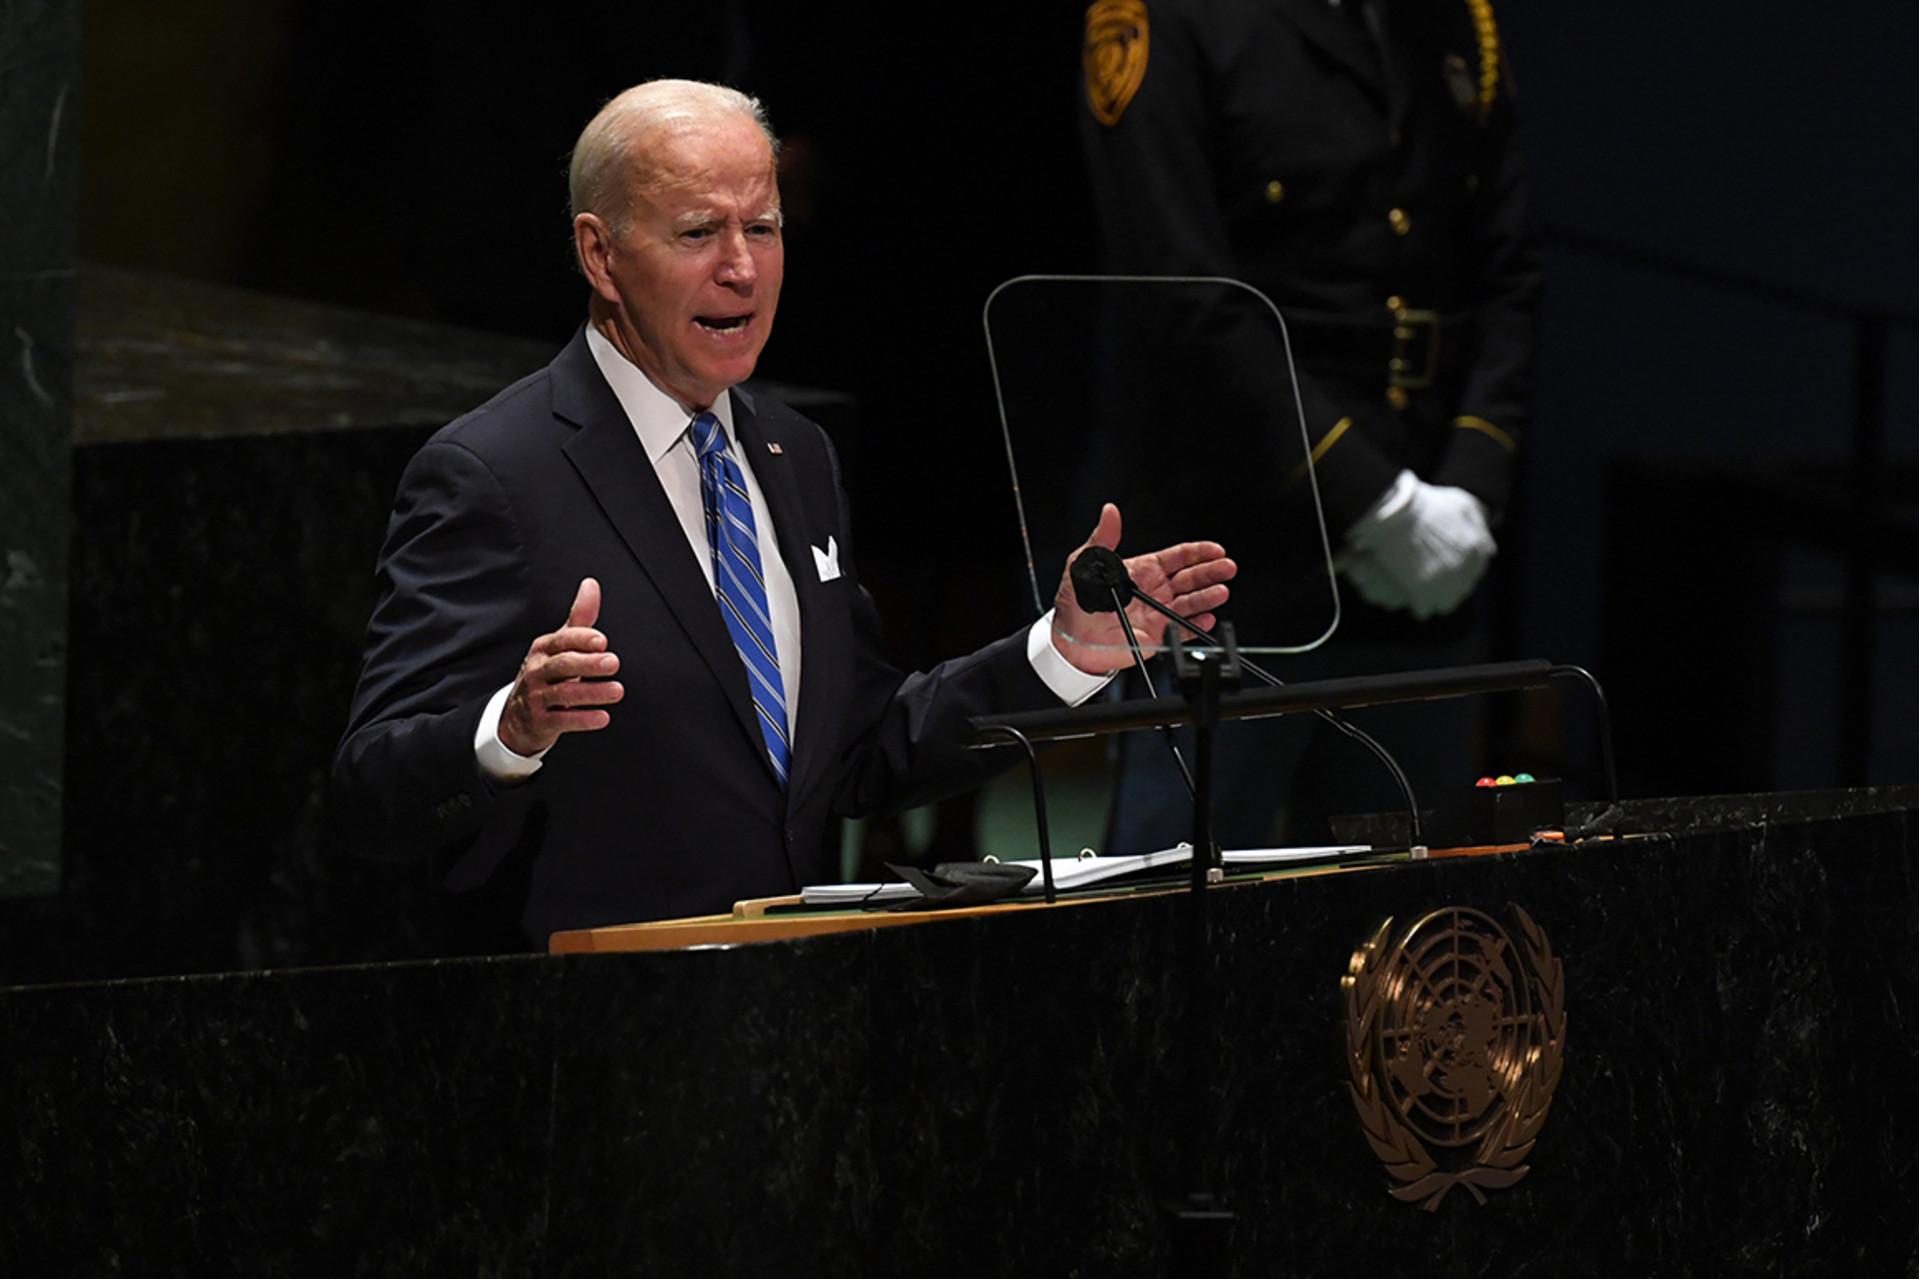 """拜登在联合国演讲中宣布美国外交的""""新时代"""""""